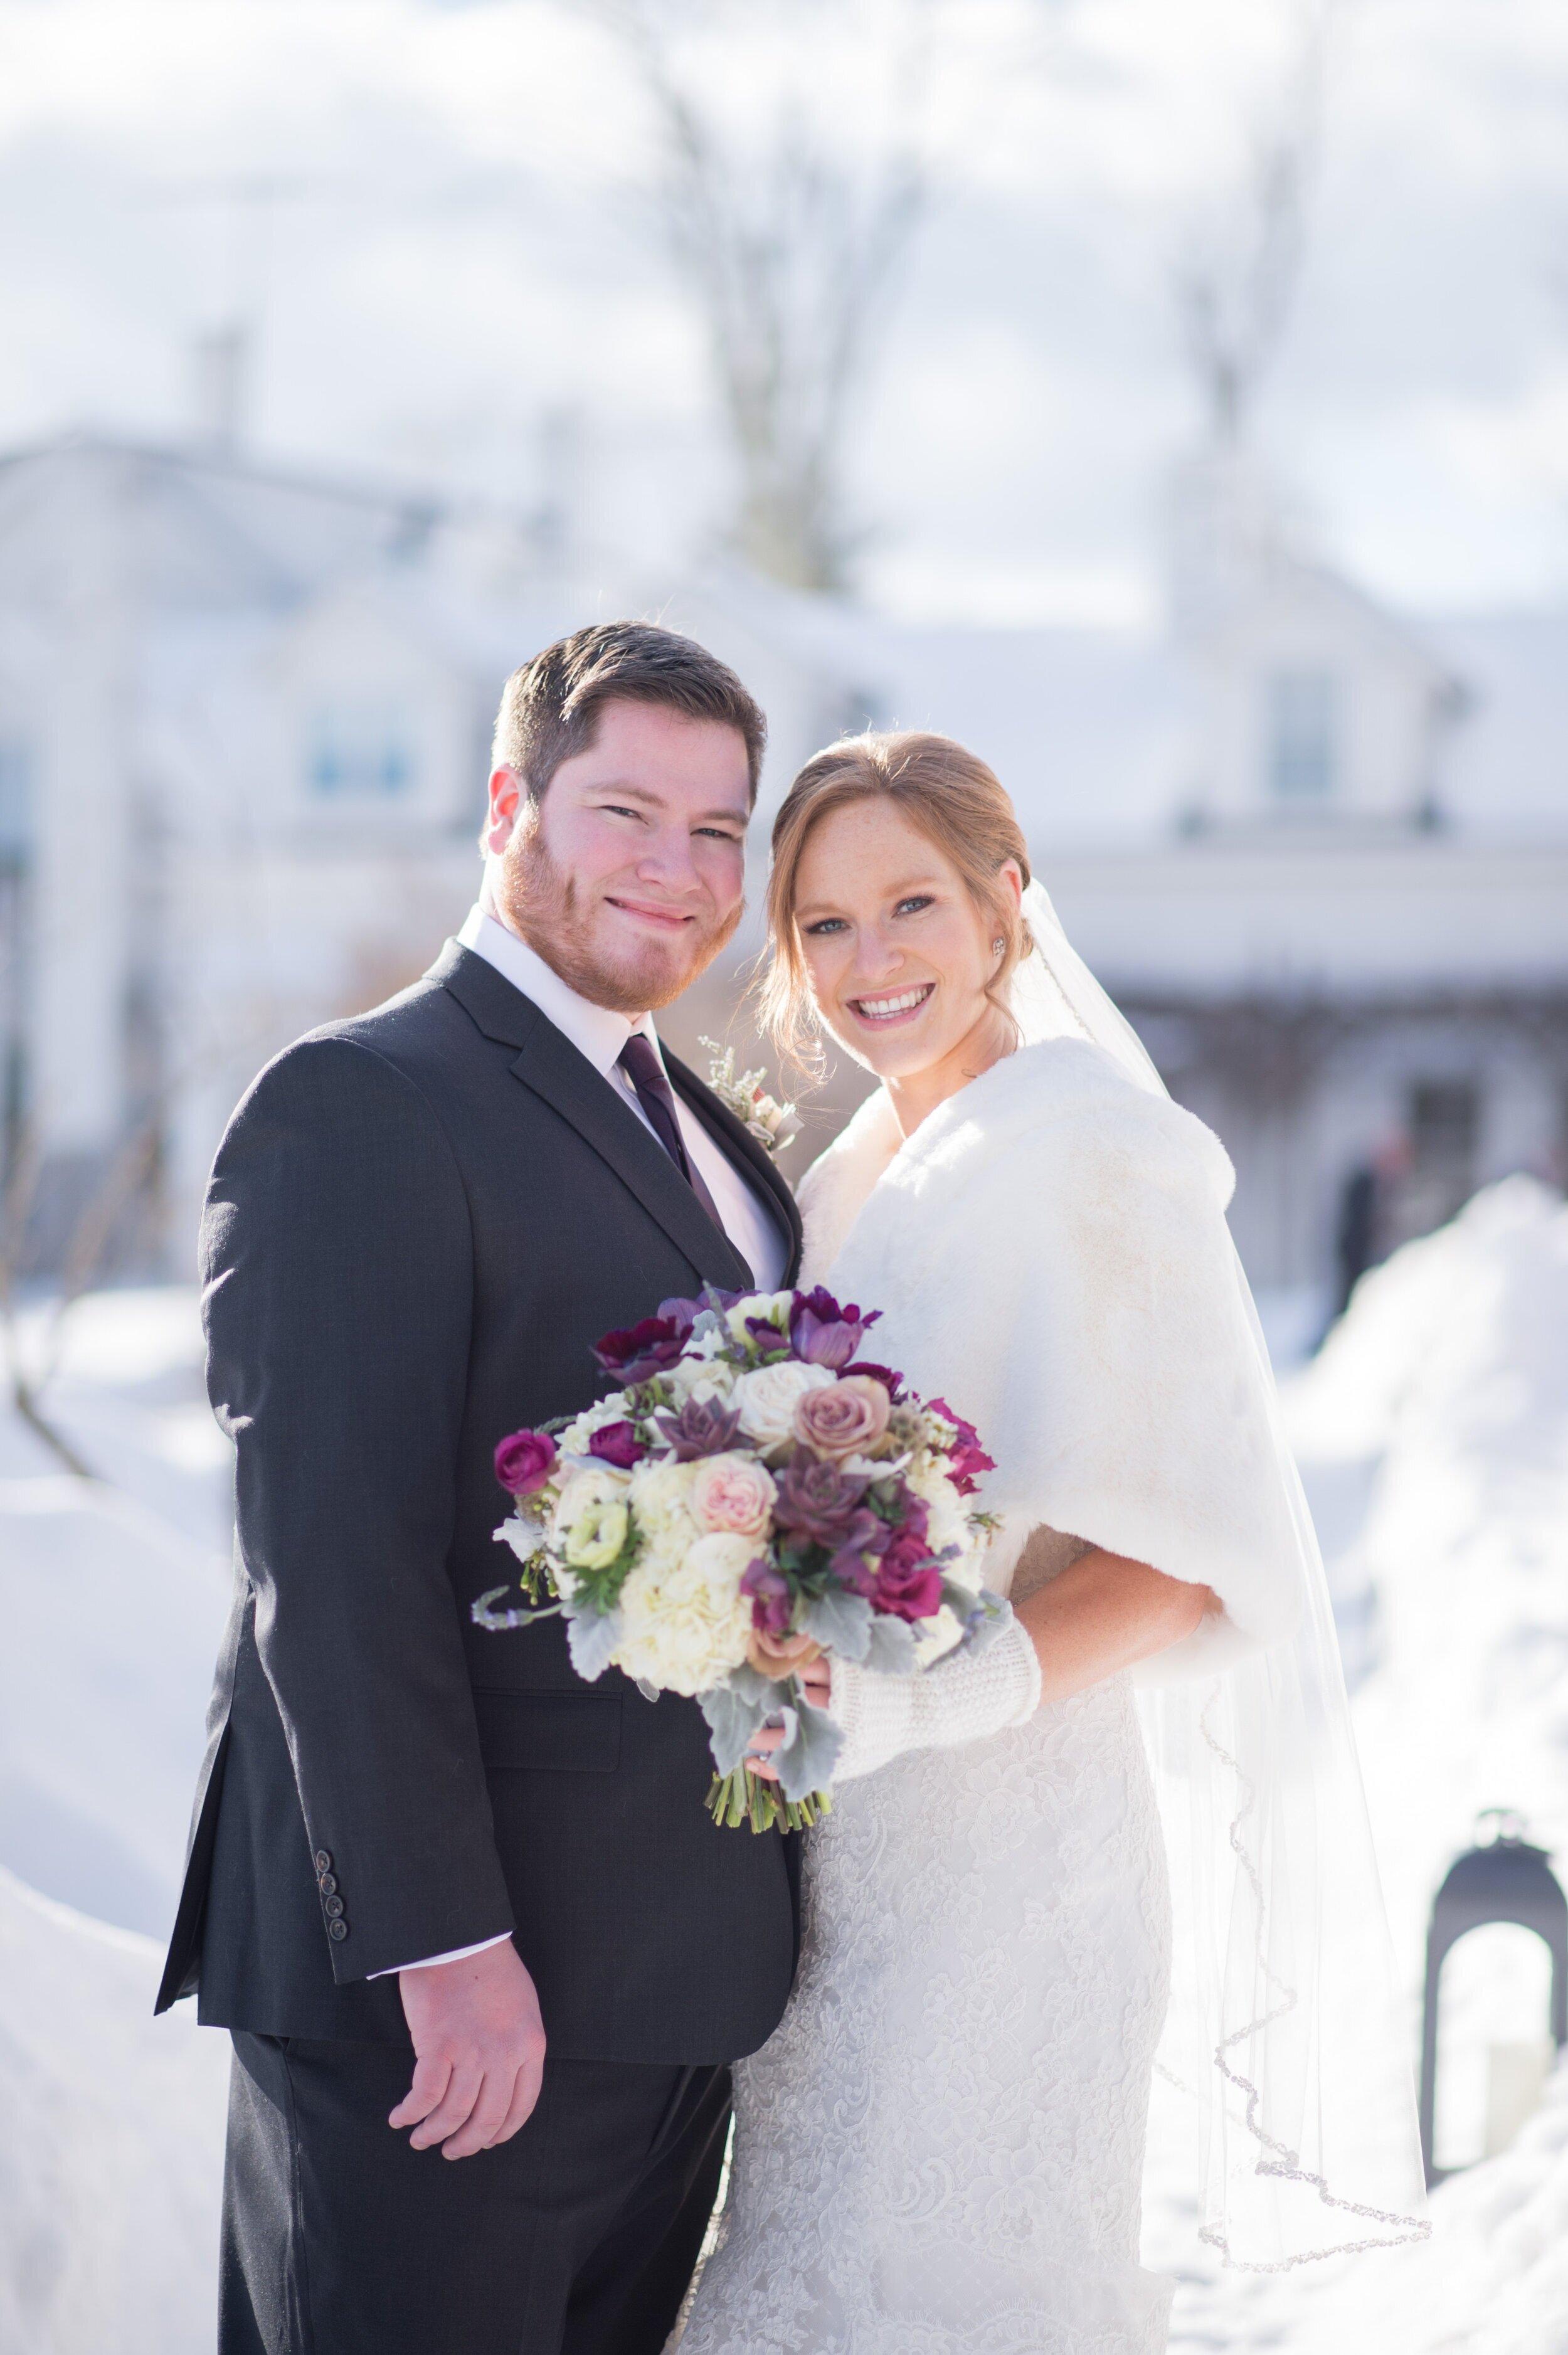 A SNOWY WINTER WEDDING